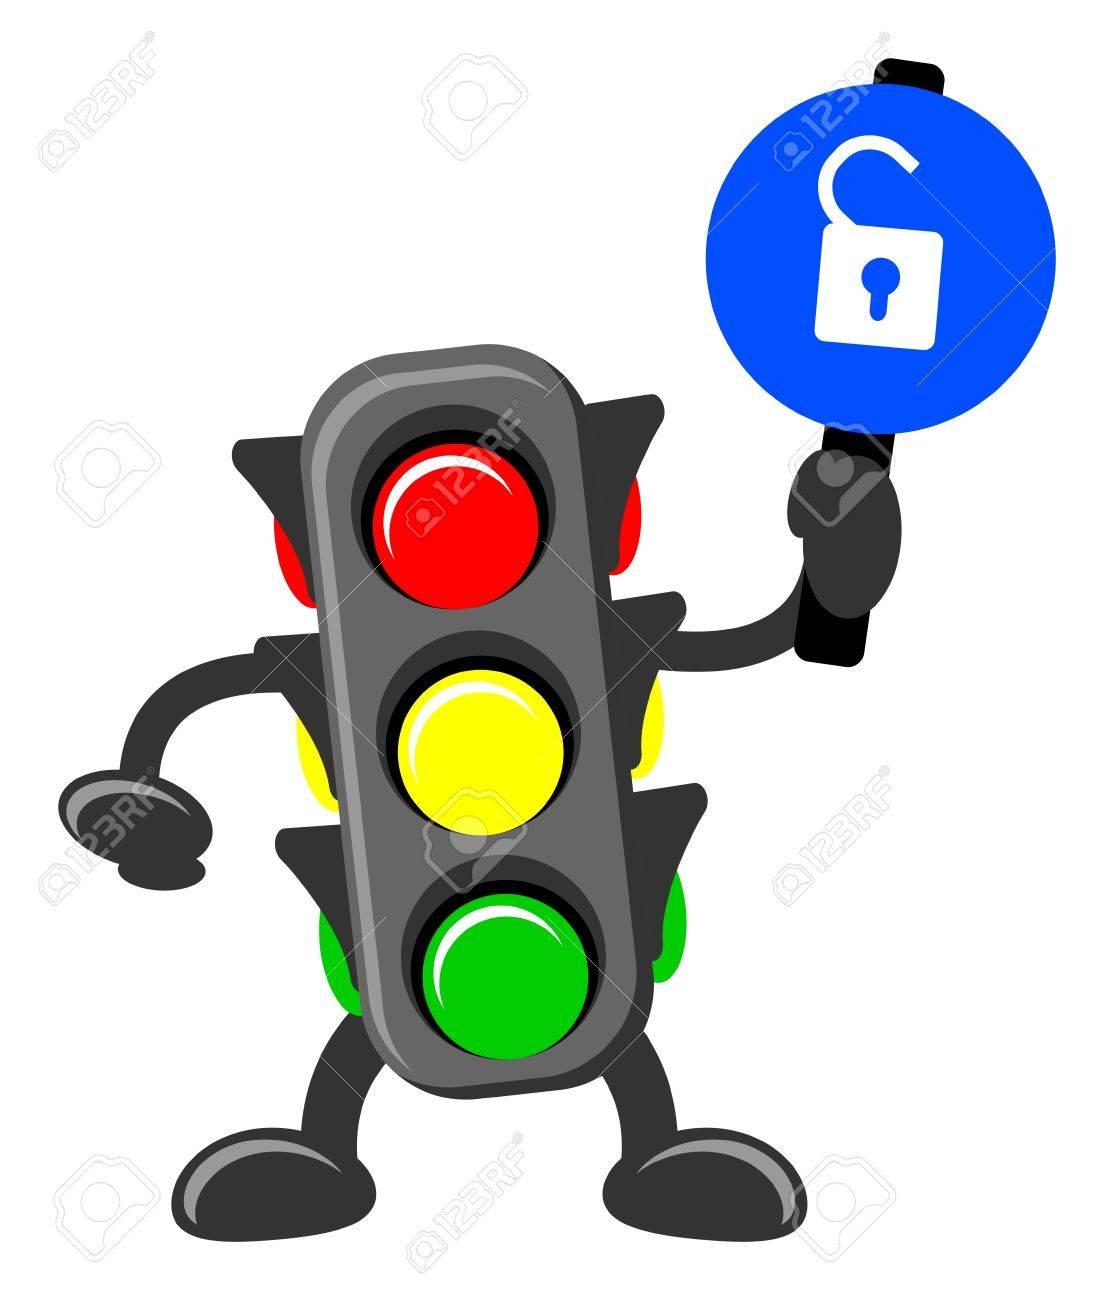 illustration of cartoon traffic light Stock Vector - 13196834